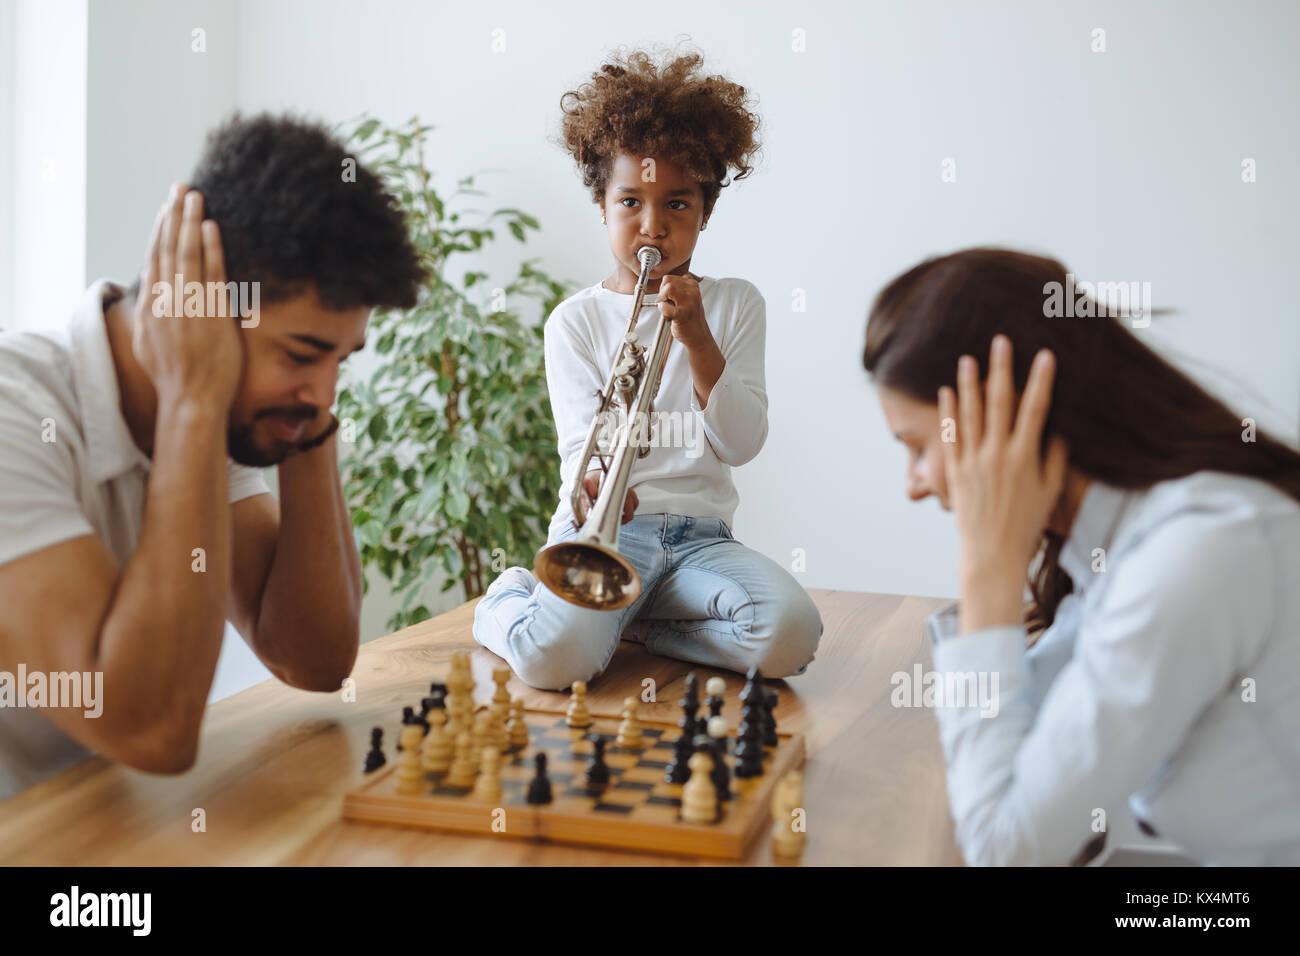 Il padre e la madre cercando di giocare a scacchi mentre il loro bambino gioca tromba Foto Stock